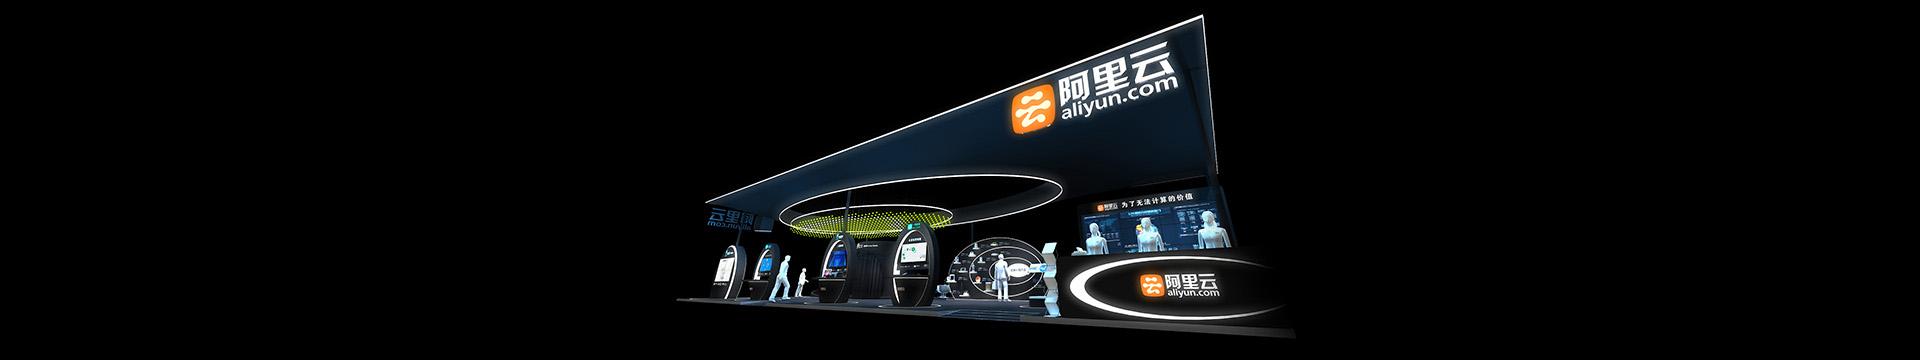 阿里云电子产品展览展示展台展台效果图案例